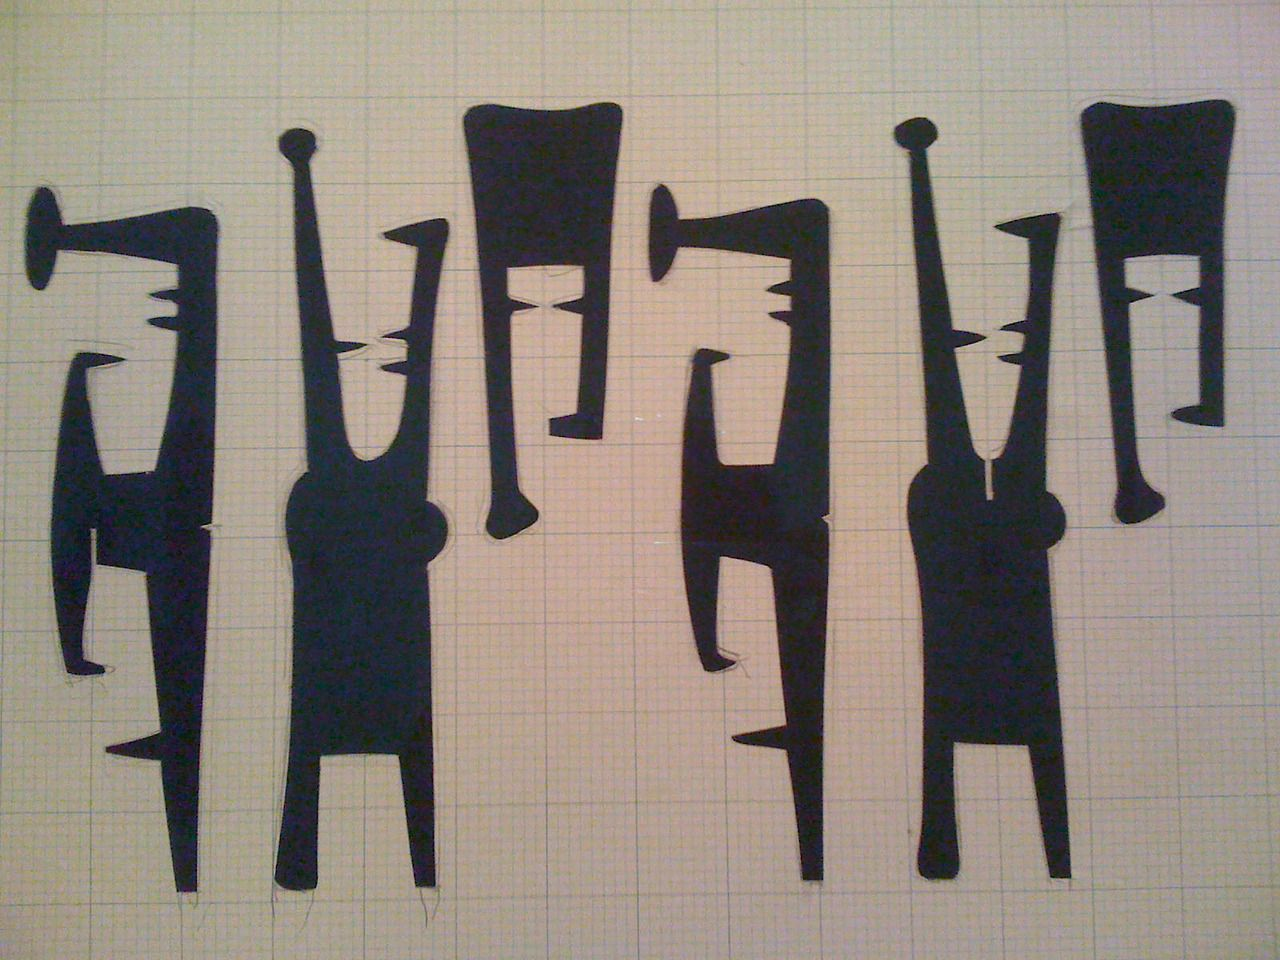 Worksheets For Sculpture